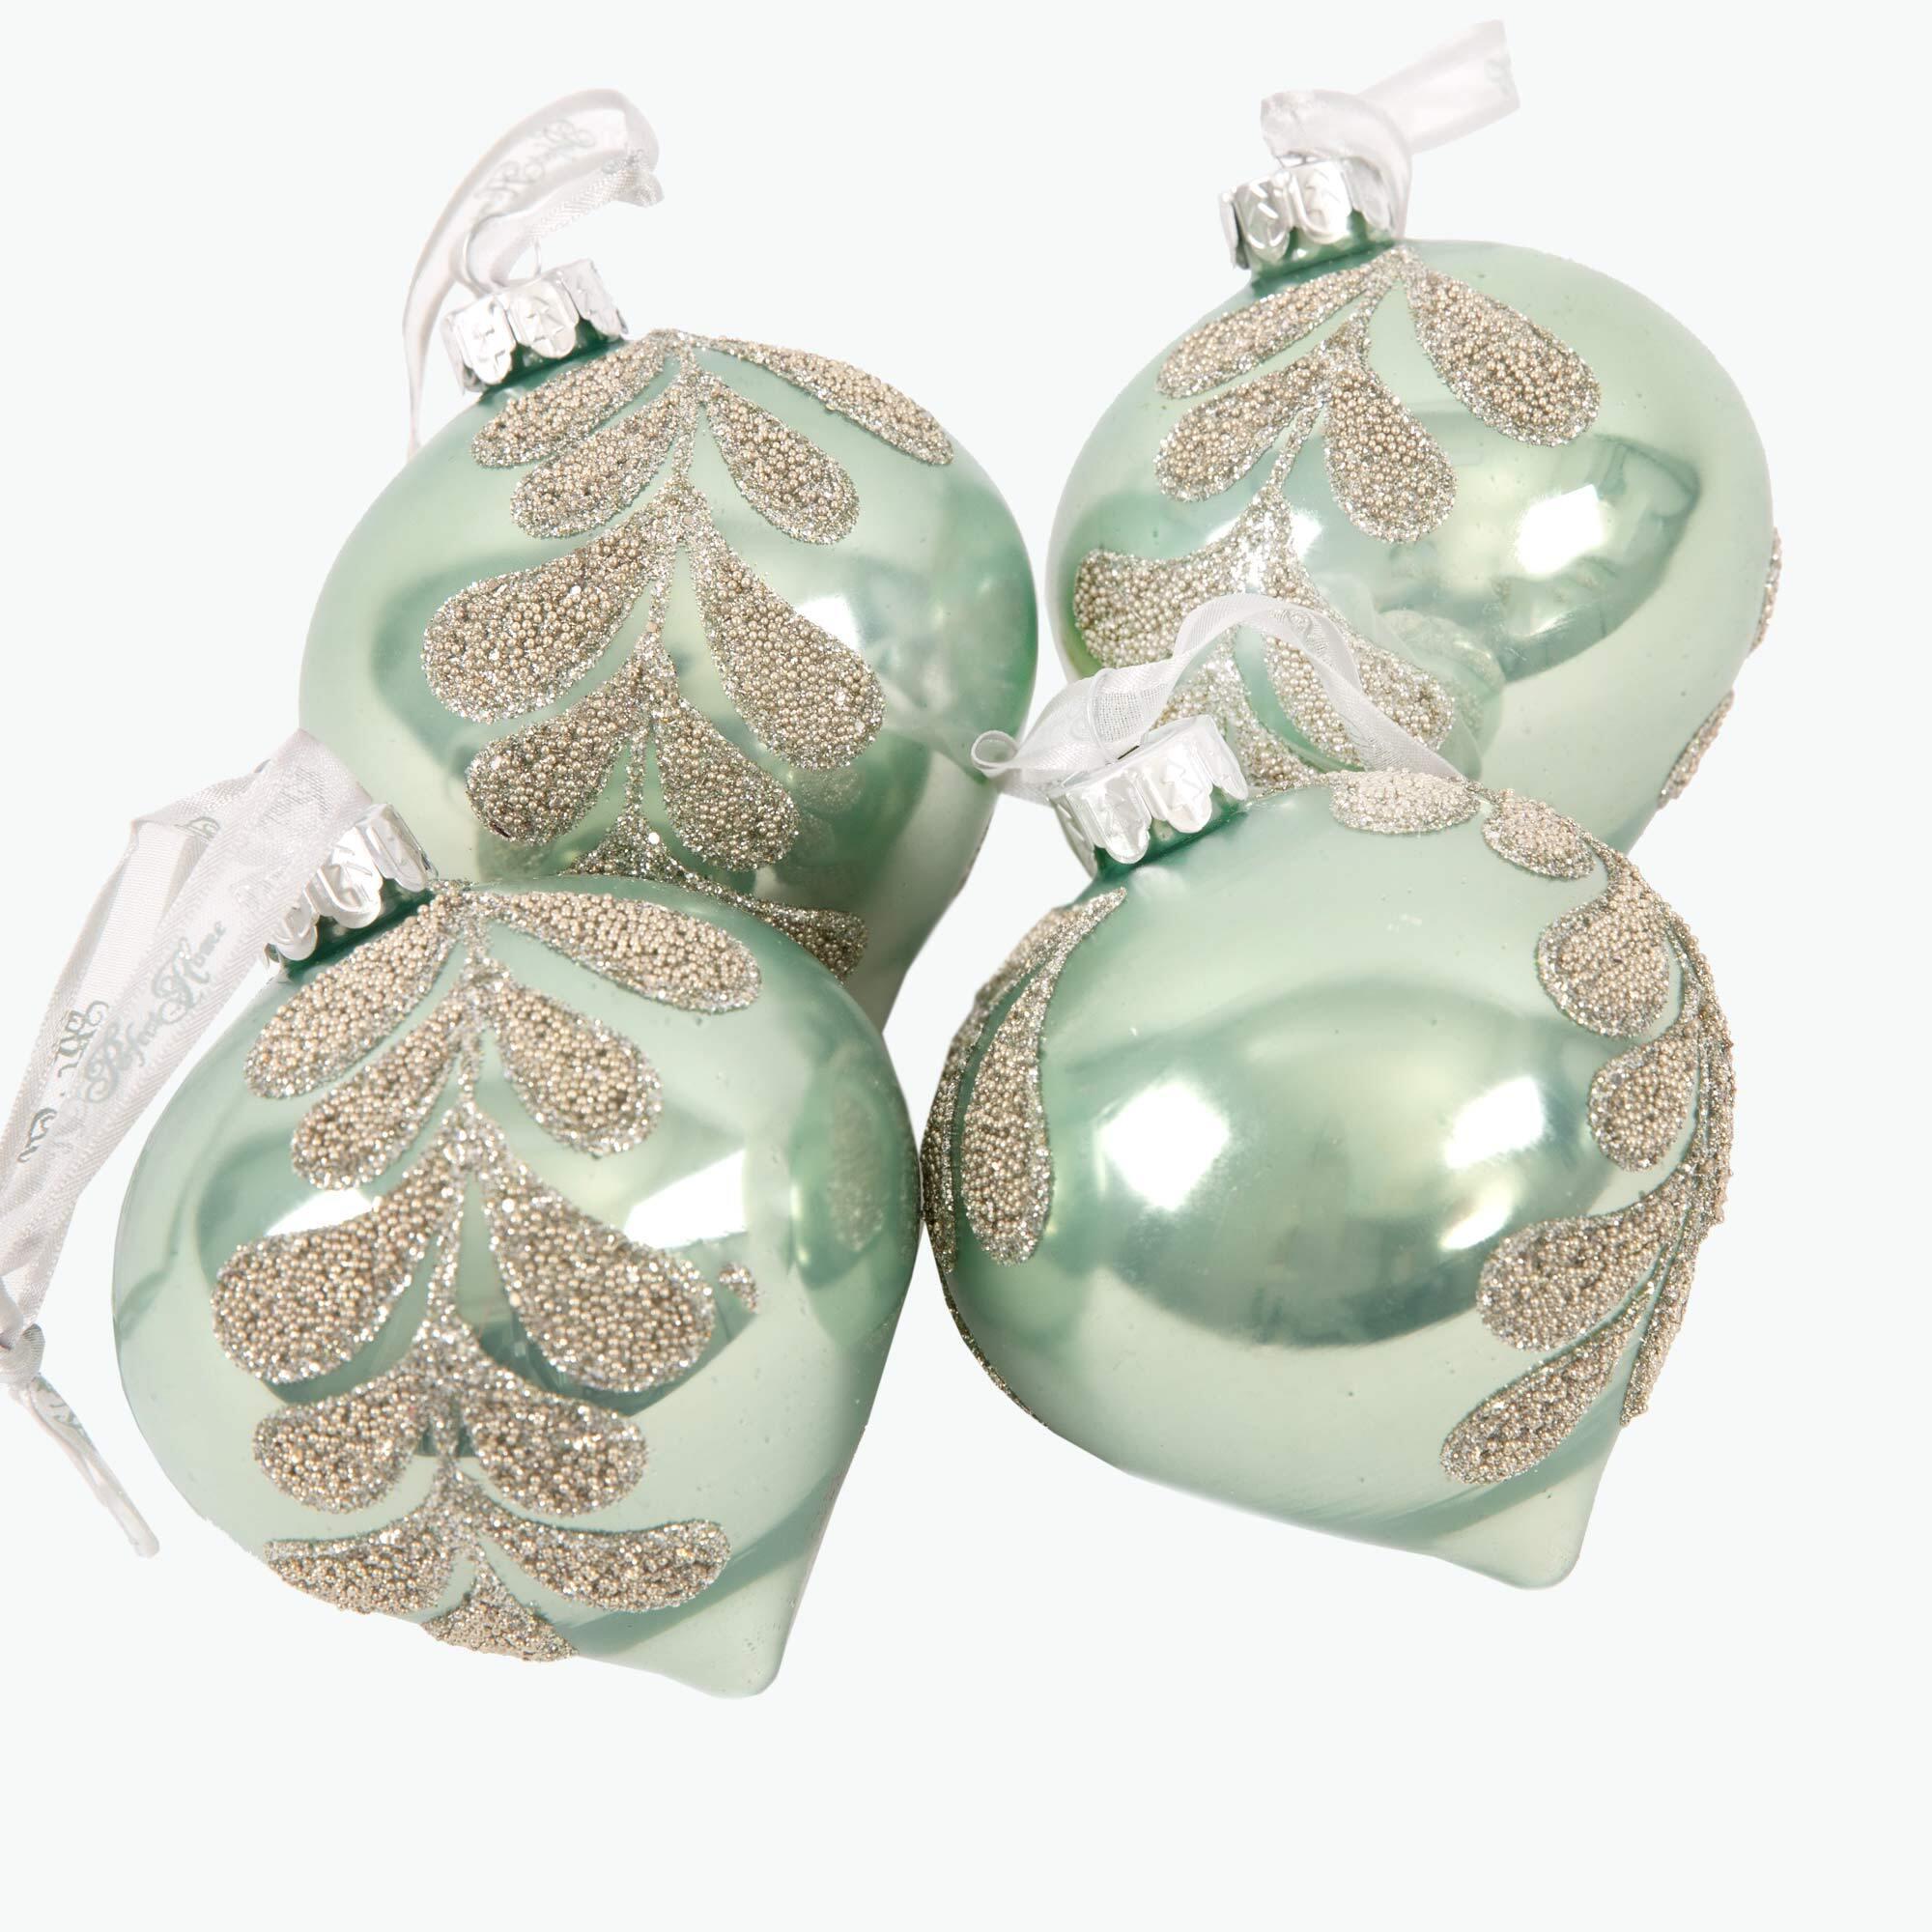 Julepynt løkformet grønn 4 stk